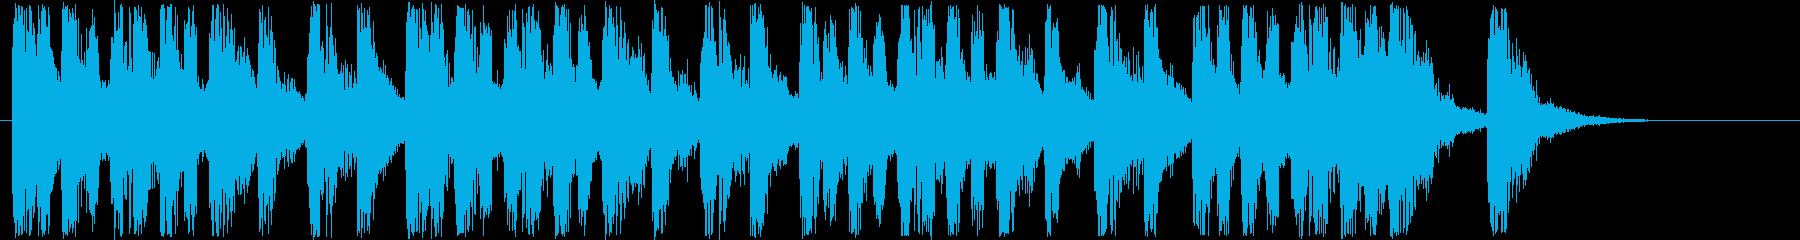 楽しげなシンセサウンド短めの再生済みの波形